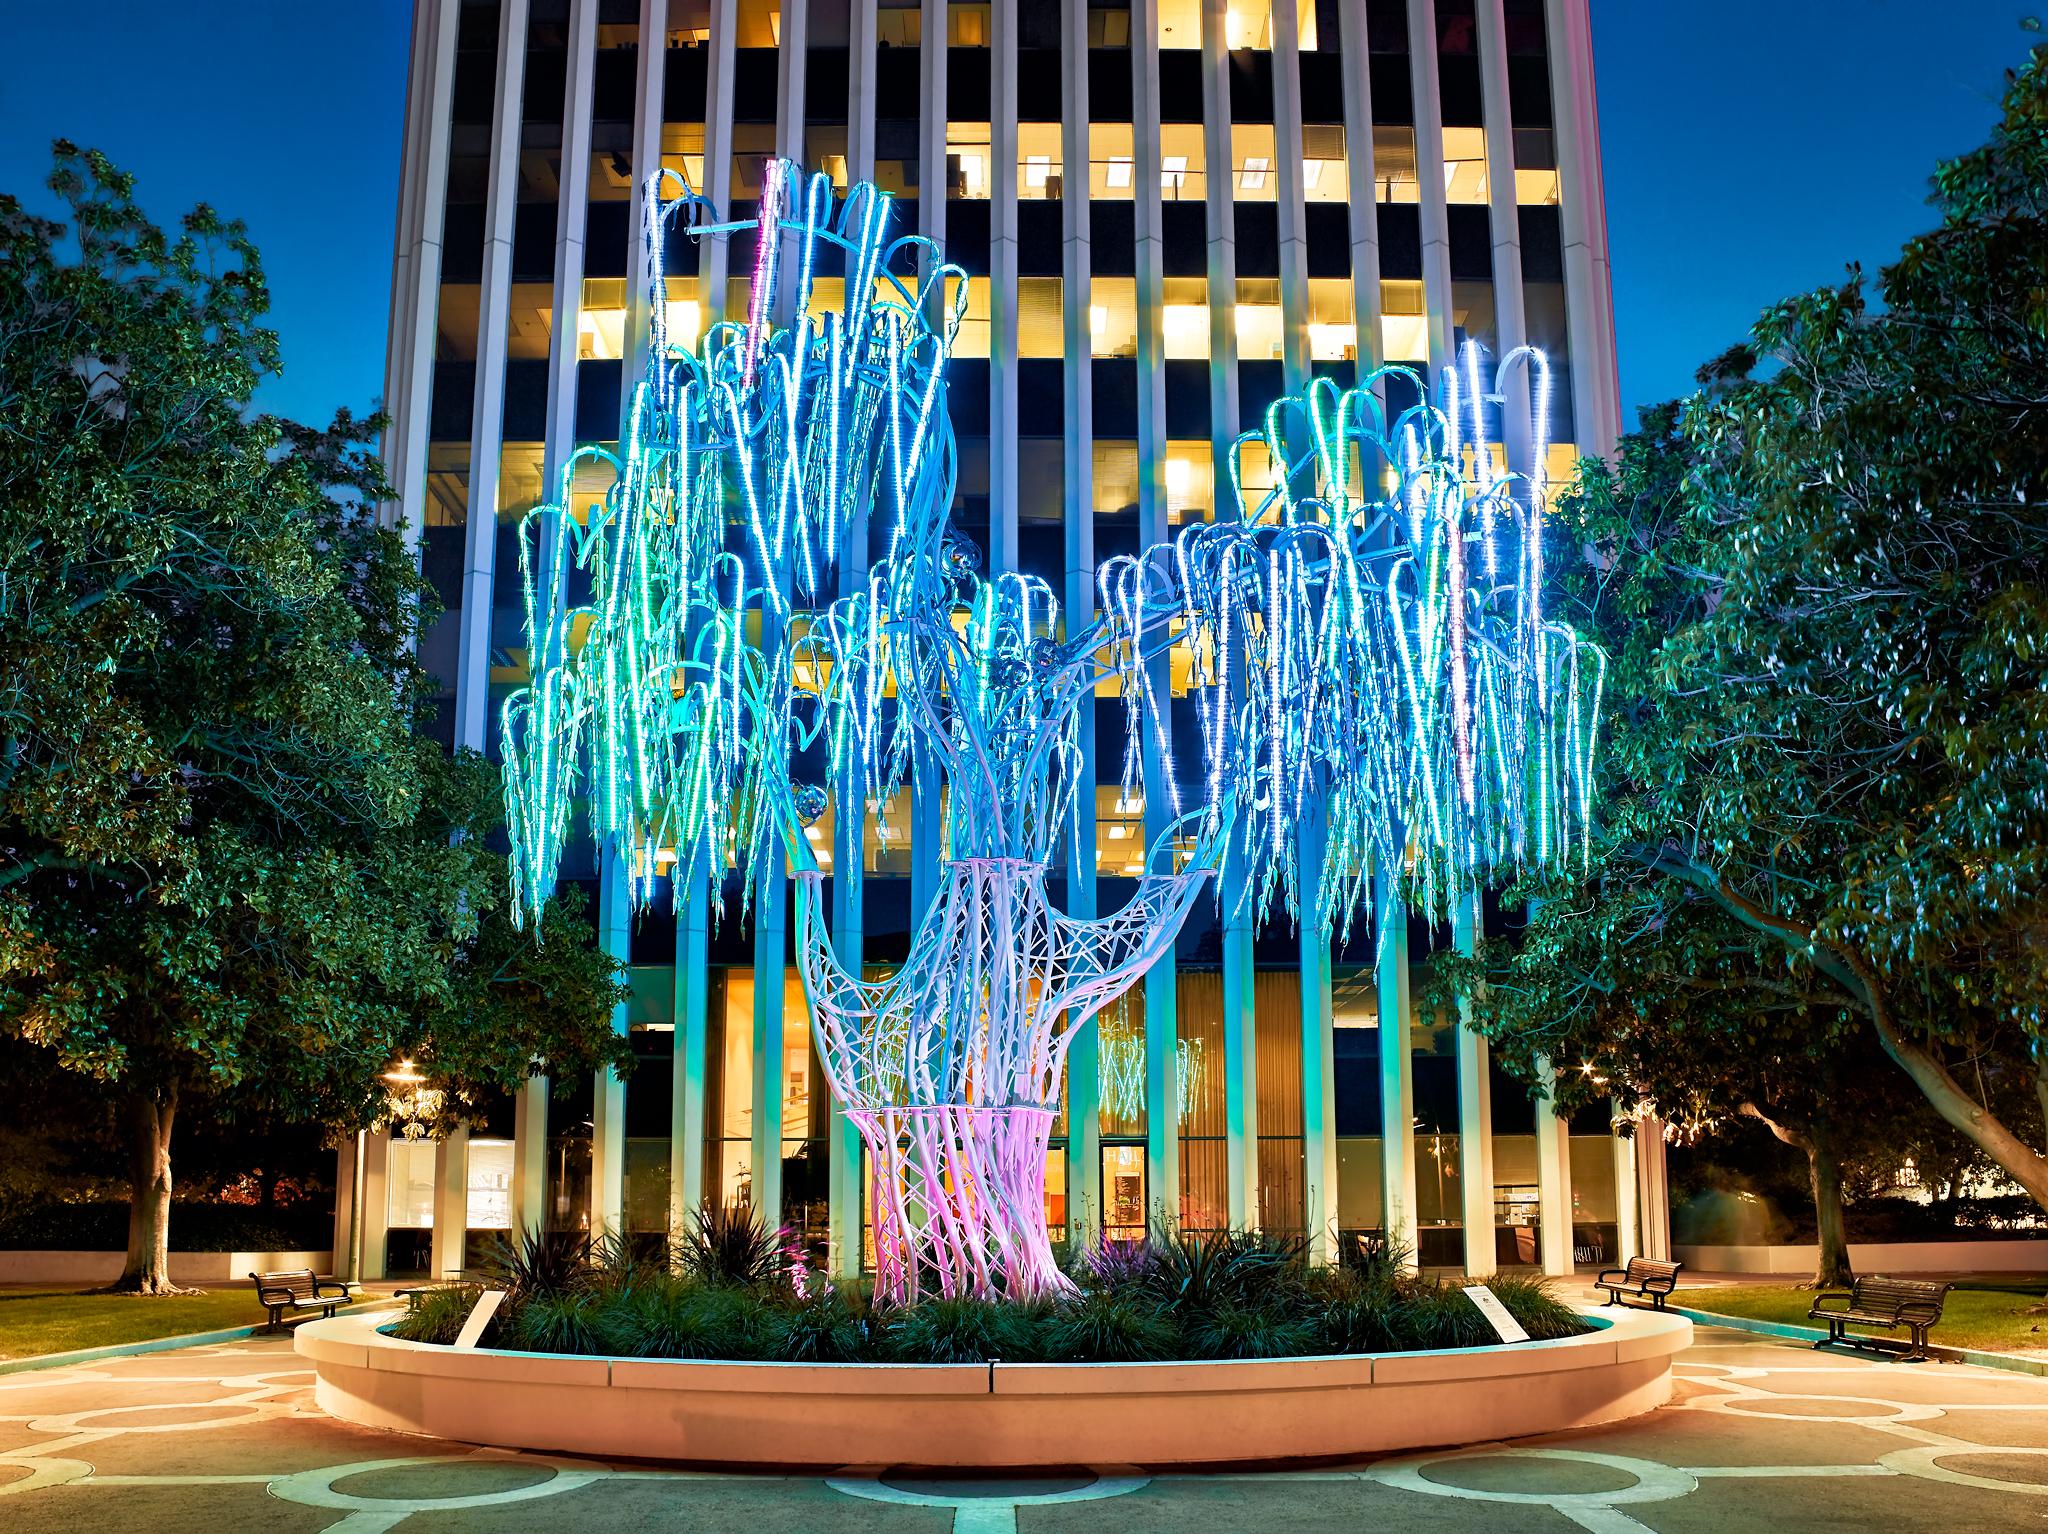 Aurora Light Sculpture by Peter Adams.